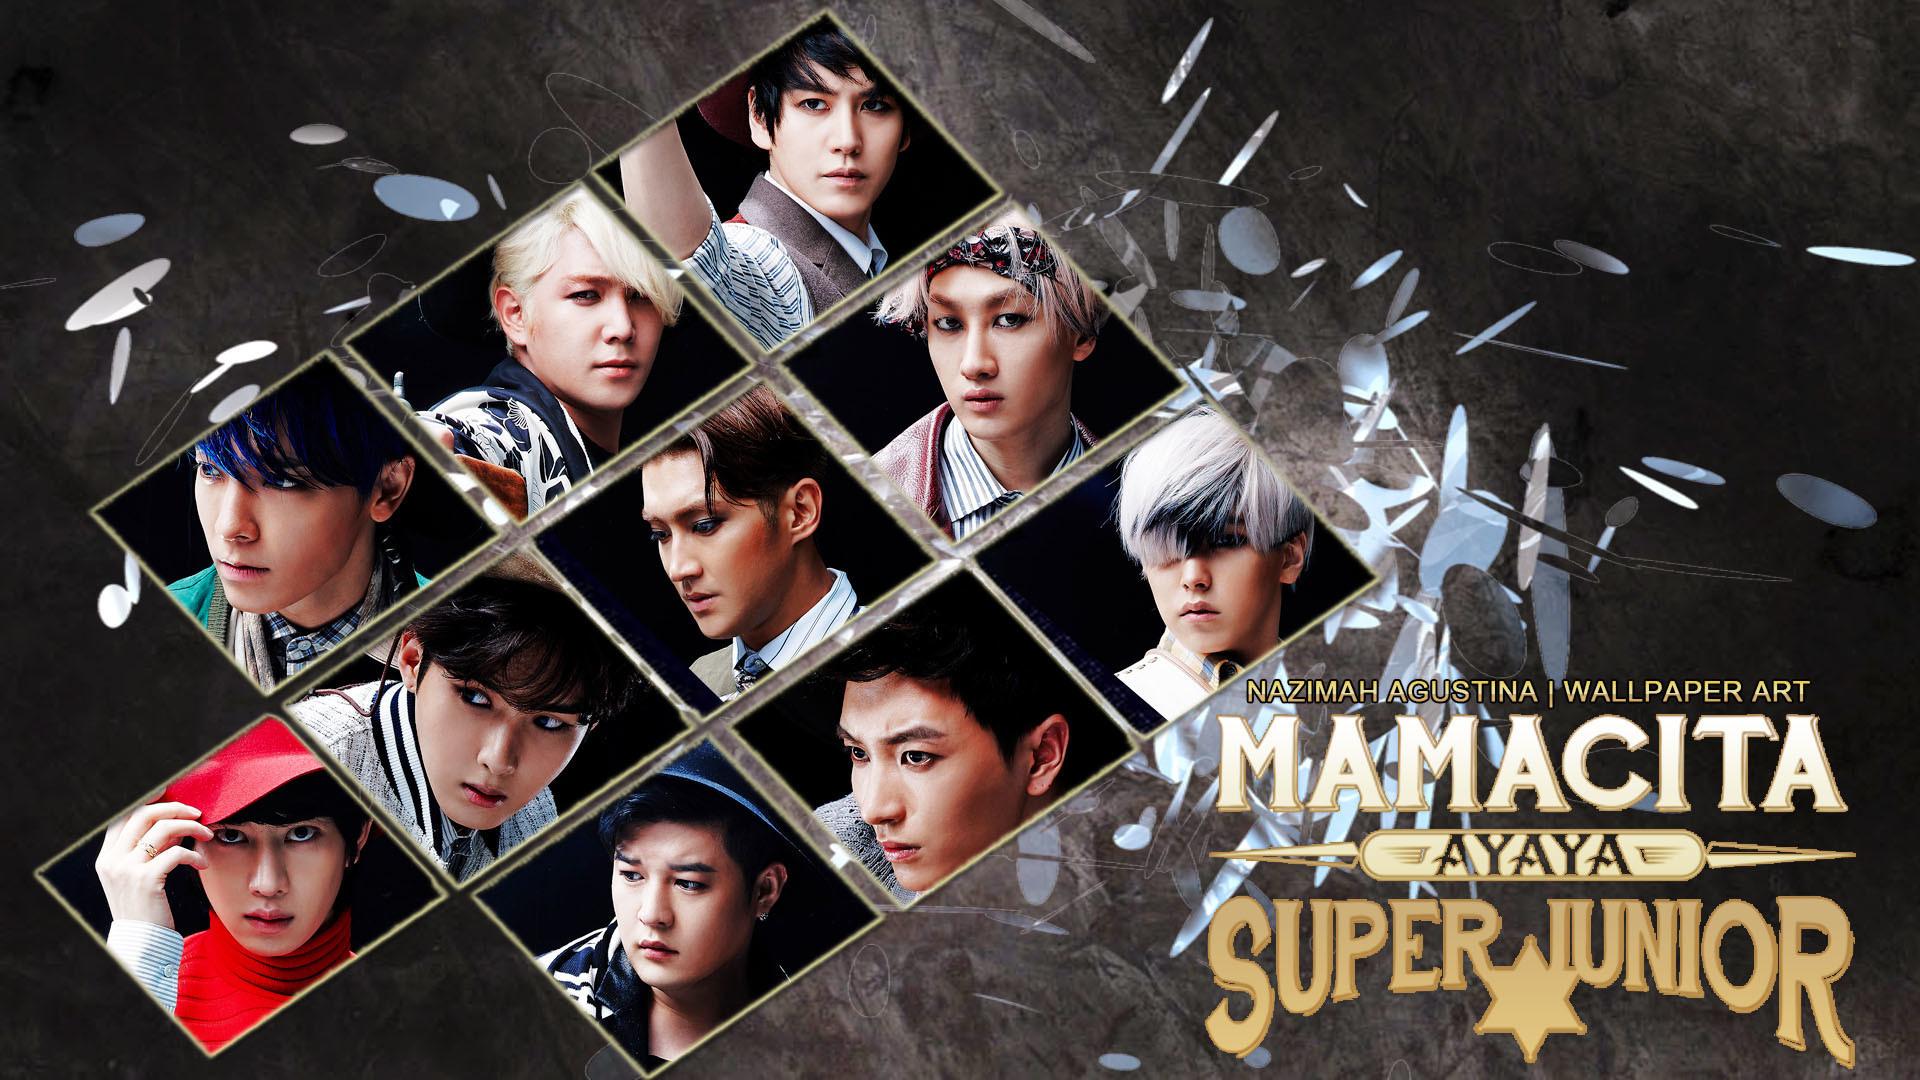 Super Junior Wallpapers MdXMnQ